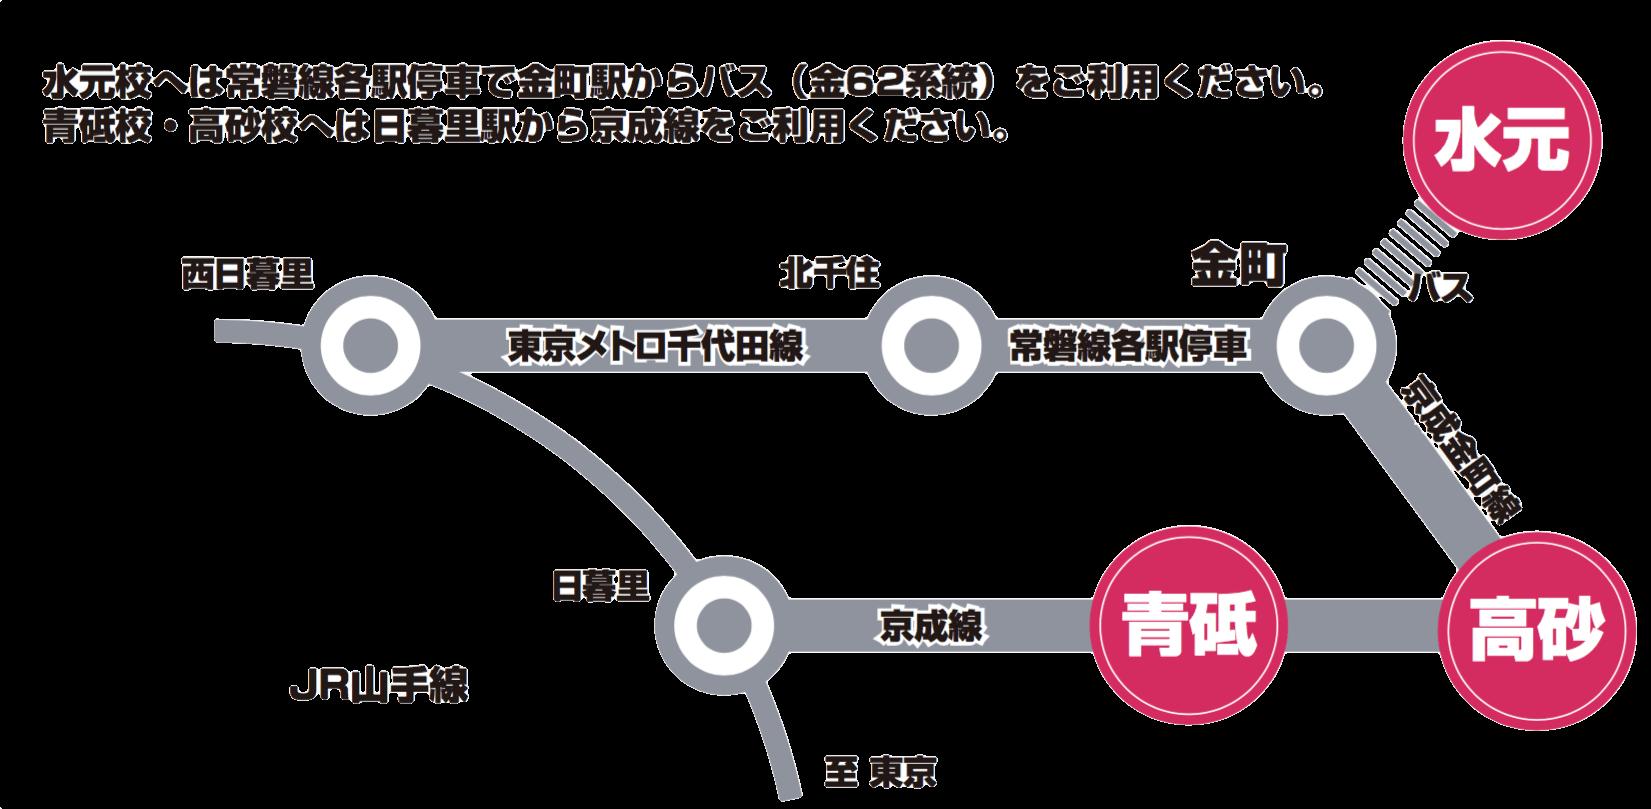 水元校へは常磐線各駅停車で金町駅北口からバス(金62系統)をご利用ください。青砥校・高砂校へは日暮里駅から京成線をご利用ください